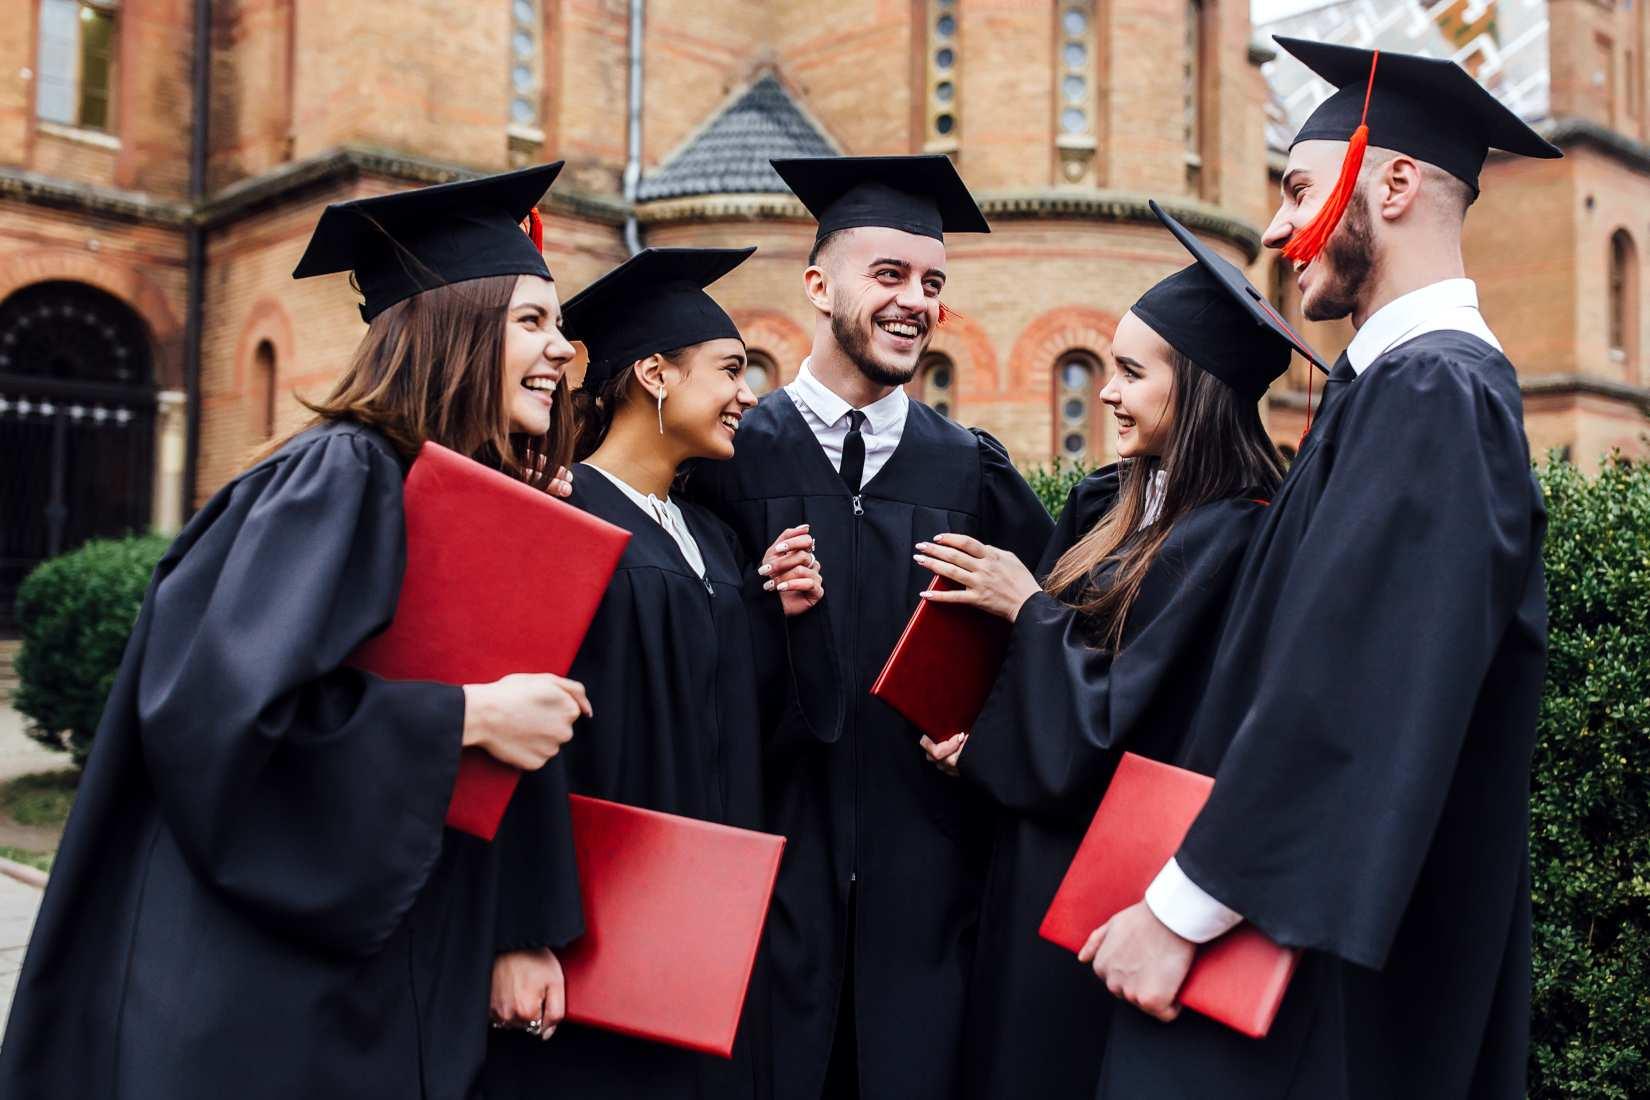 Corsi per conseguire il diploma o corsi per conseguire la licenza media - Istituto Tecnico Garibaldi Busto Arsizio